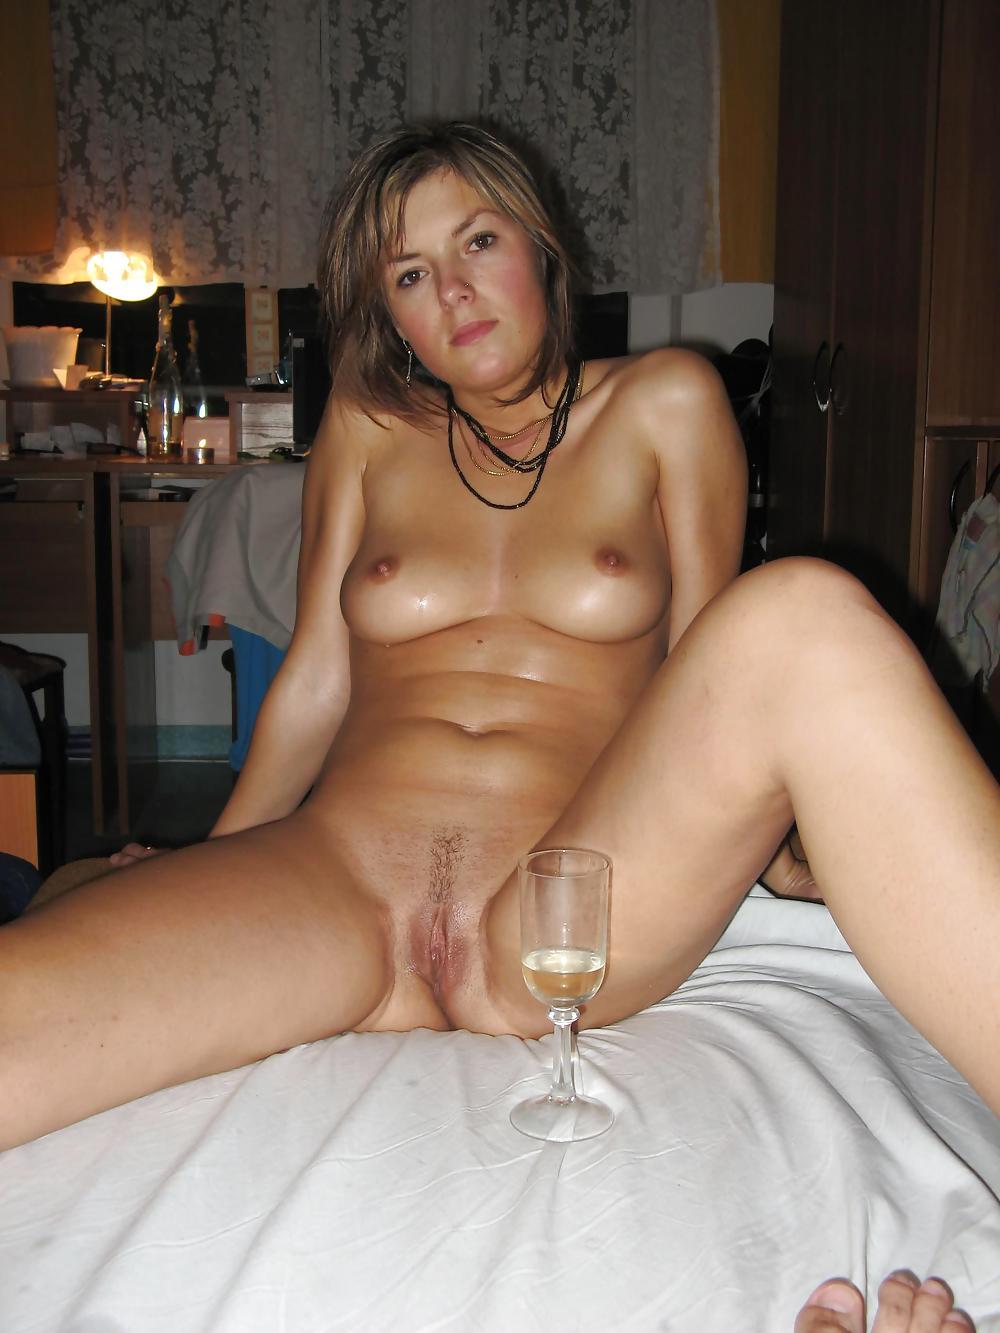 Голая девушка пьет вино сидя в своей комнате | домашнее порно и секс ...